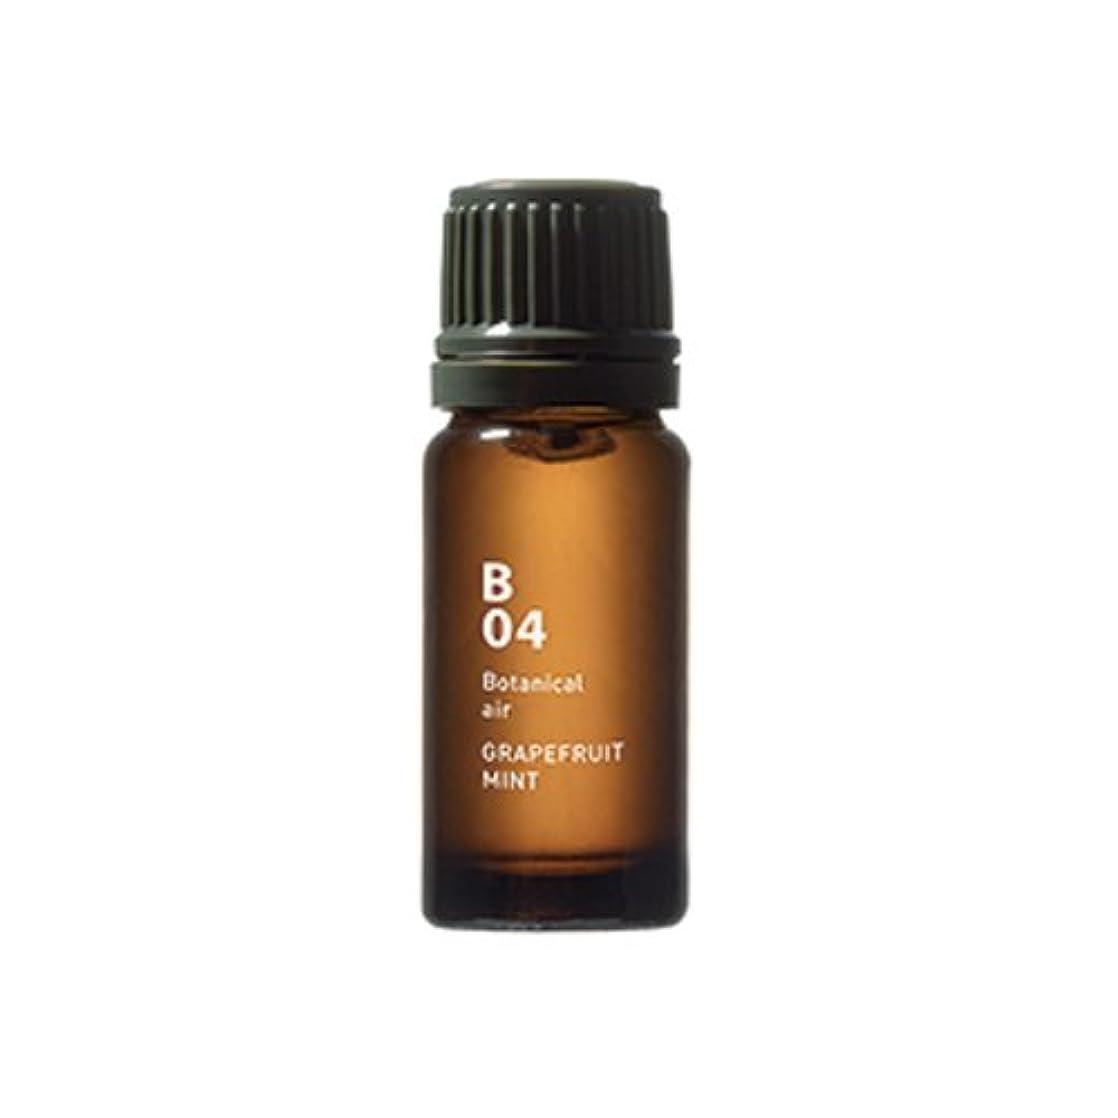 以前は化学薬品受け入れるB04 グレープフルーツミント Botanical air(ボタニカルエアー) 10ml